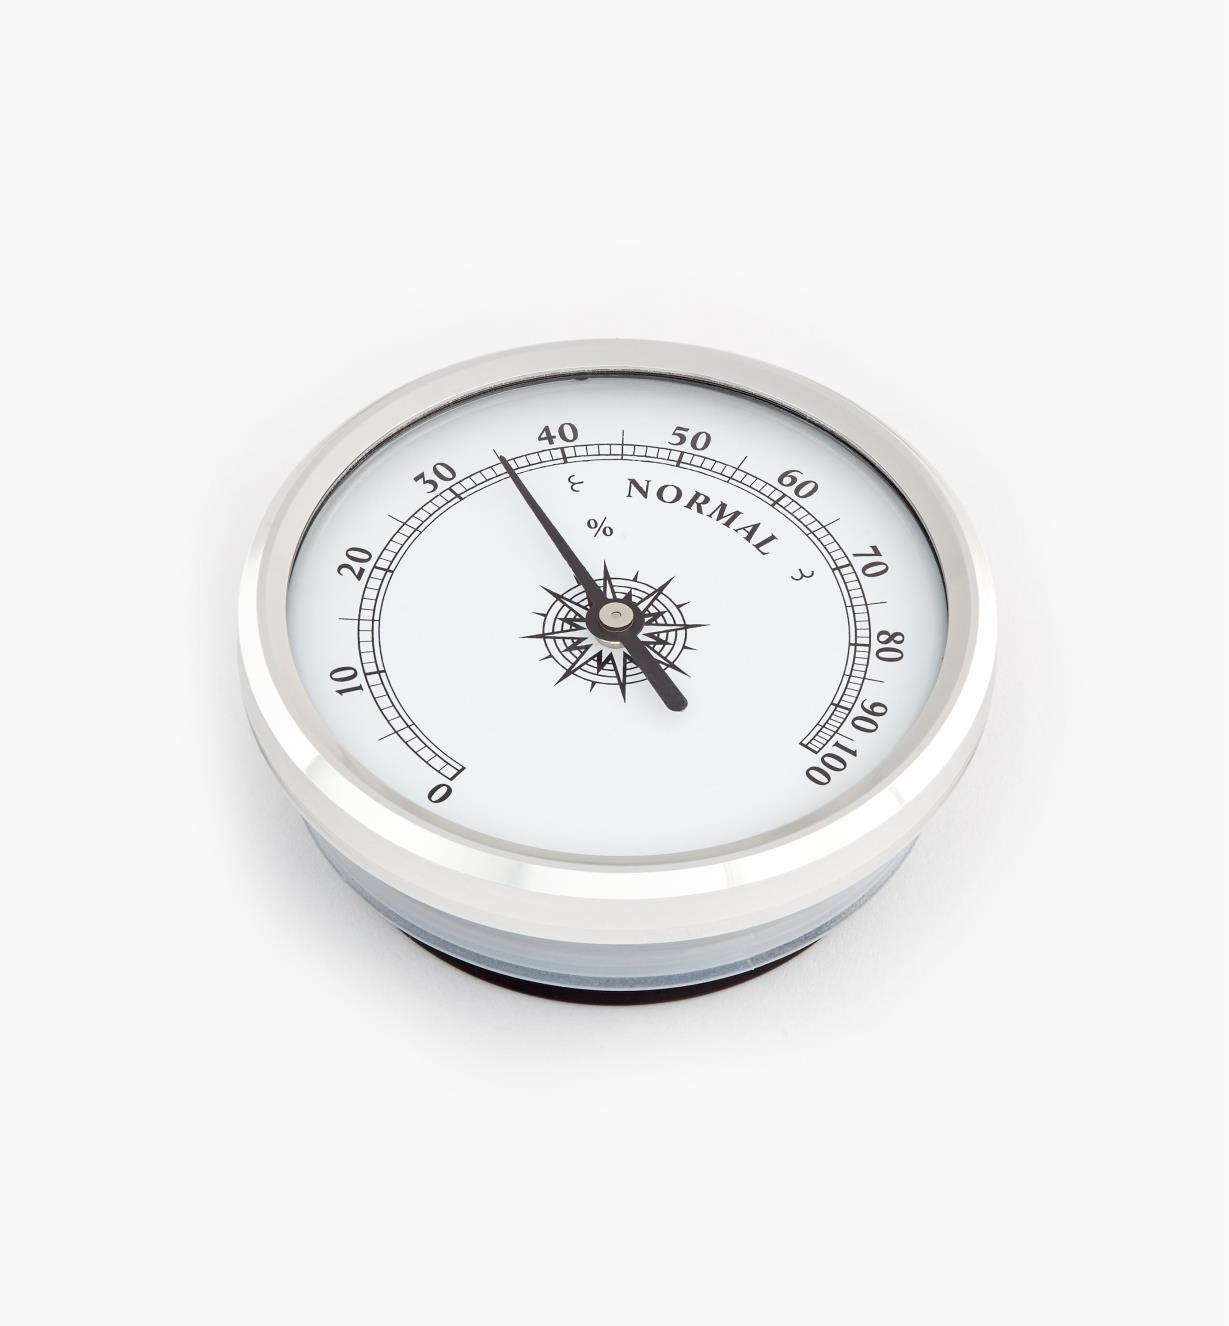 46K7002 - Hygromètre encastrable à lunette en aluminium, l'unité